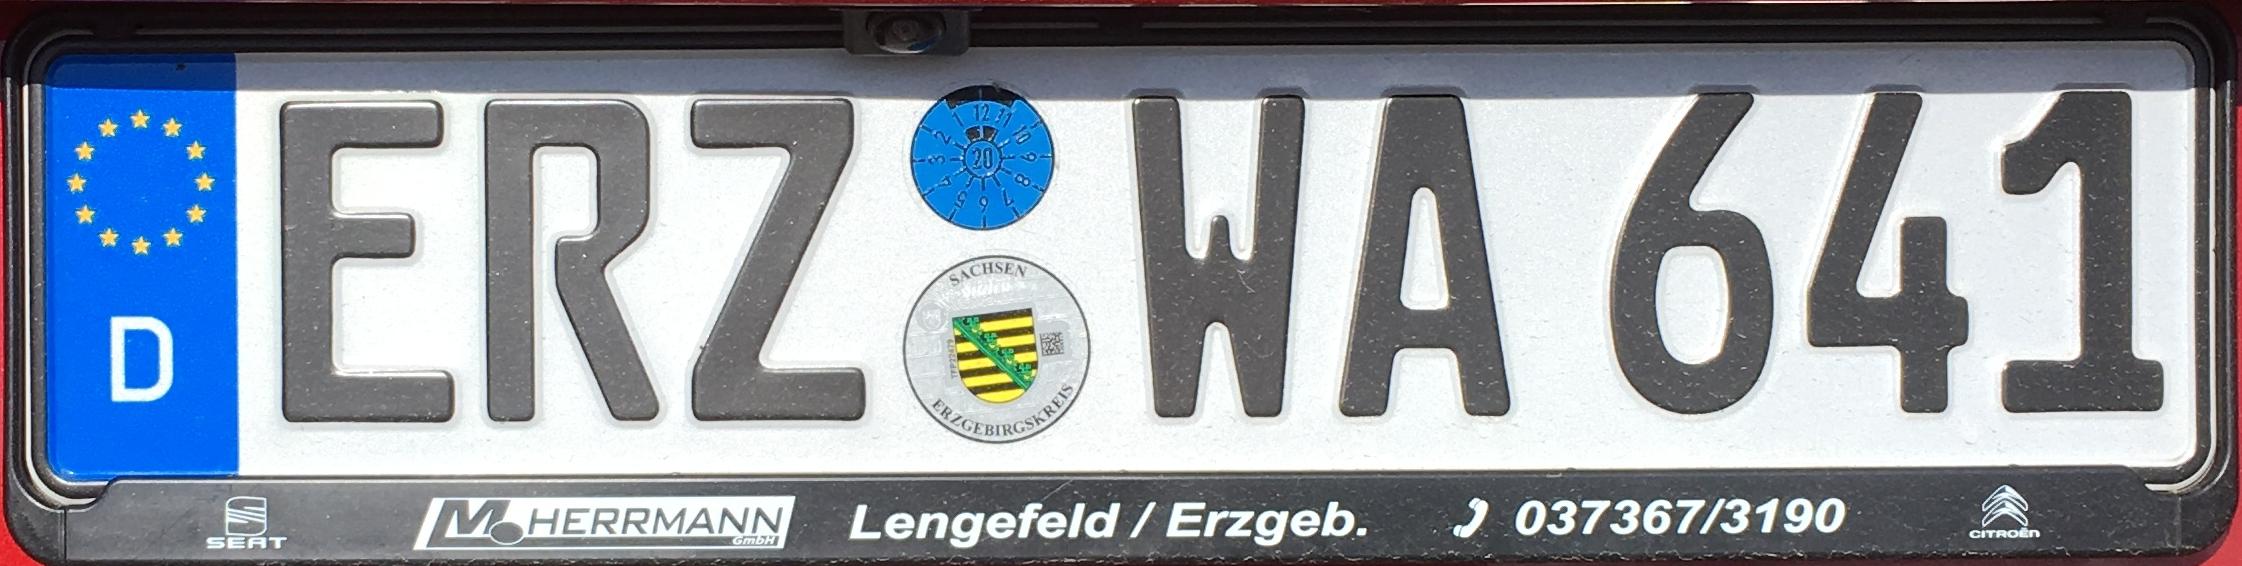 Registrační značky Německo – ERZ – Annaberg-Buchholz, foto: www.podalnici.cz